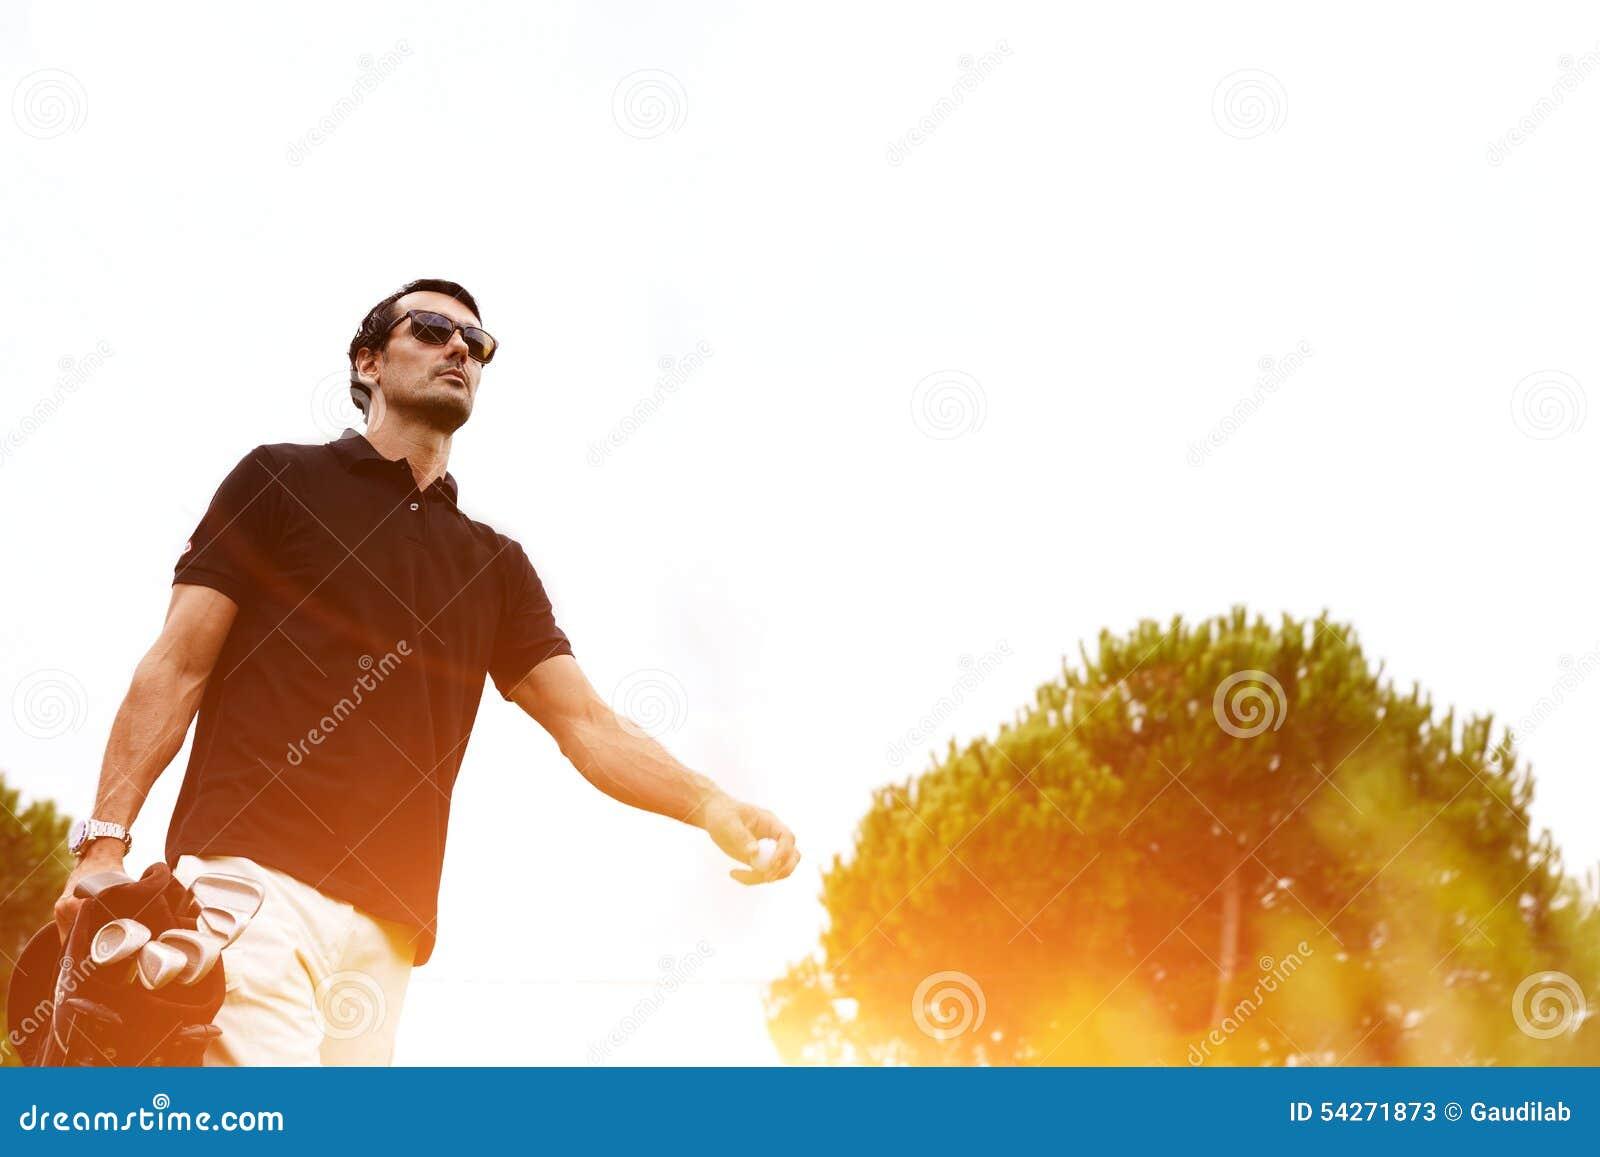 o-homem-seguro-rico-bonito-passa-seus-fins-de-semana-no-campo-de-golfe-esporte-para-homens-ricos-54271873.jpg